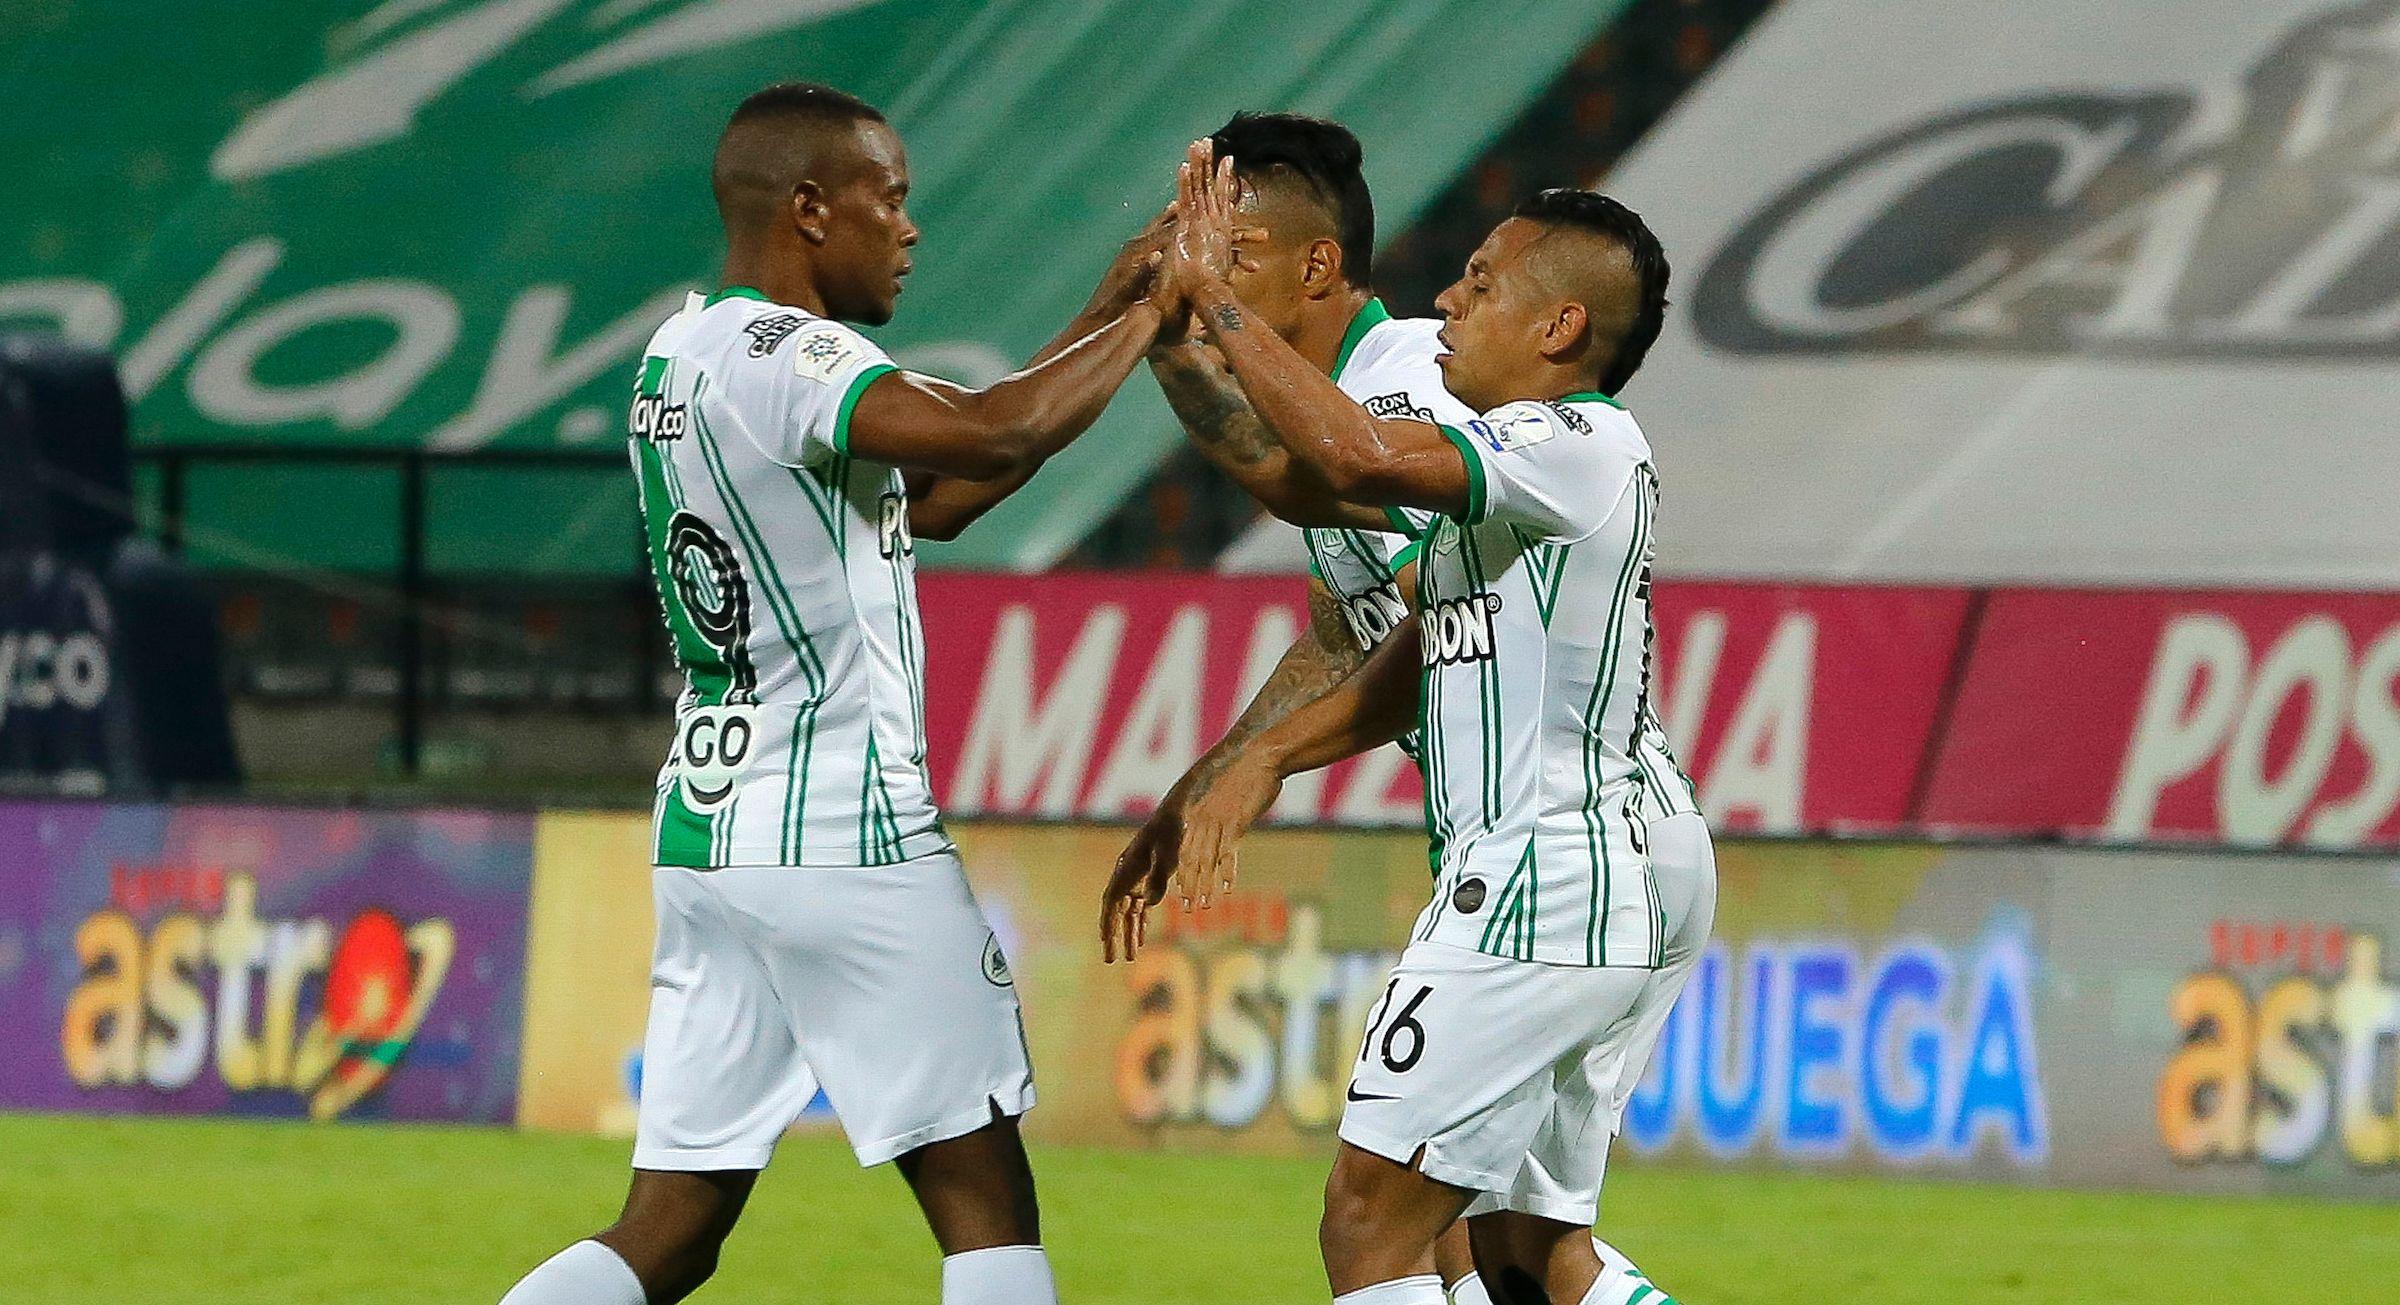 Atlético Nacional Vs Envigado